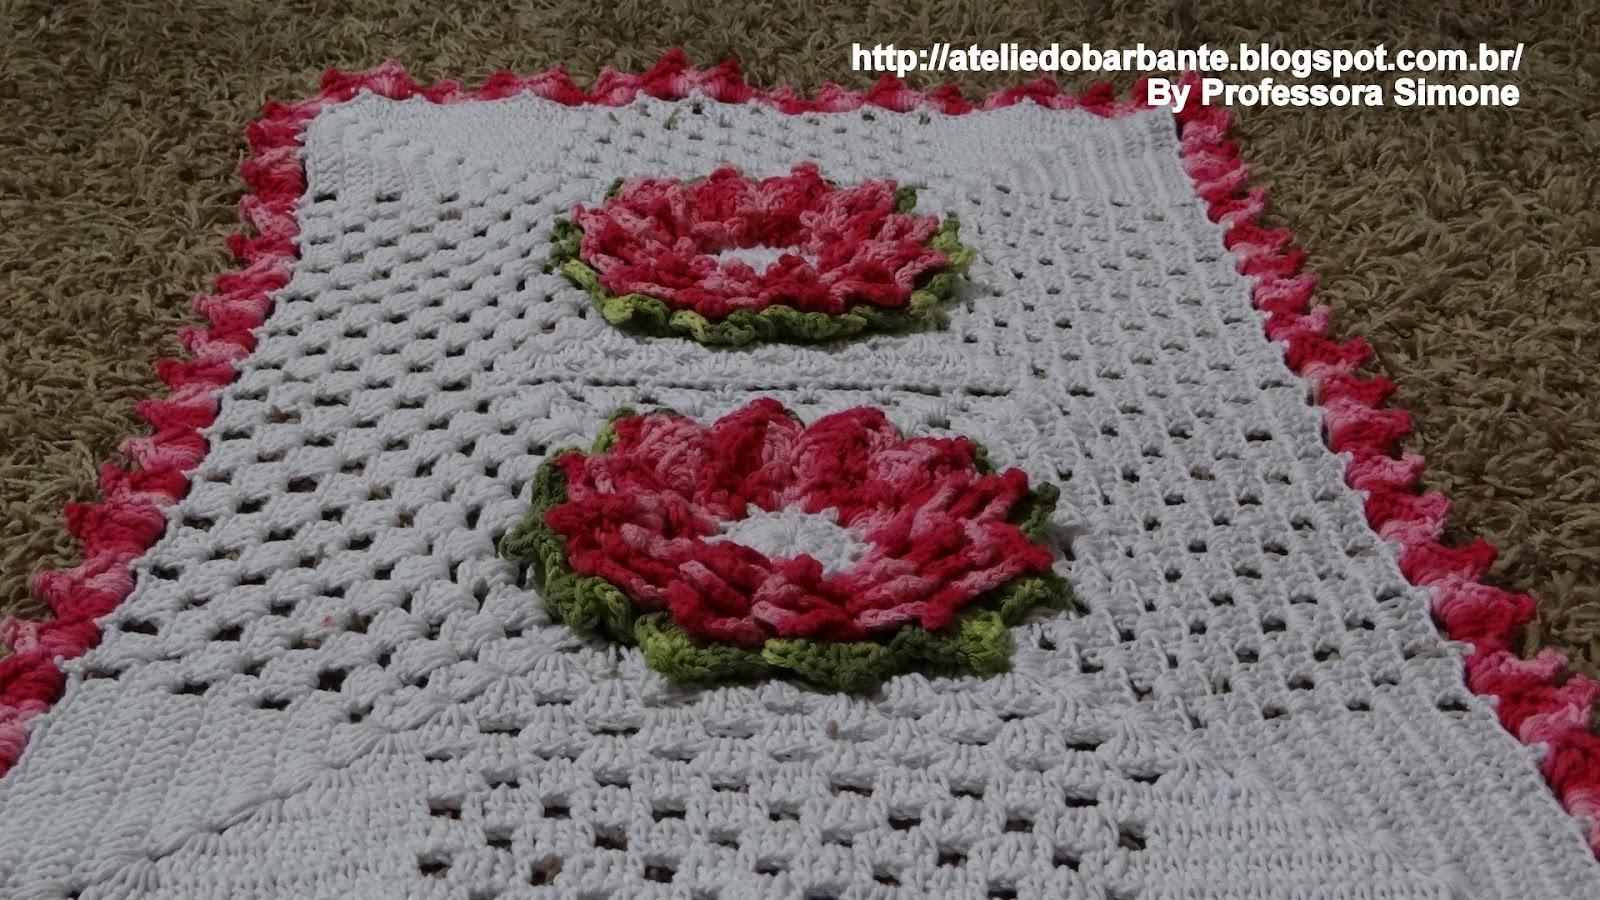 Veja um exemplo de tapete feito com a Flor Giullya: